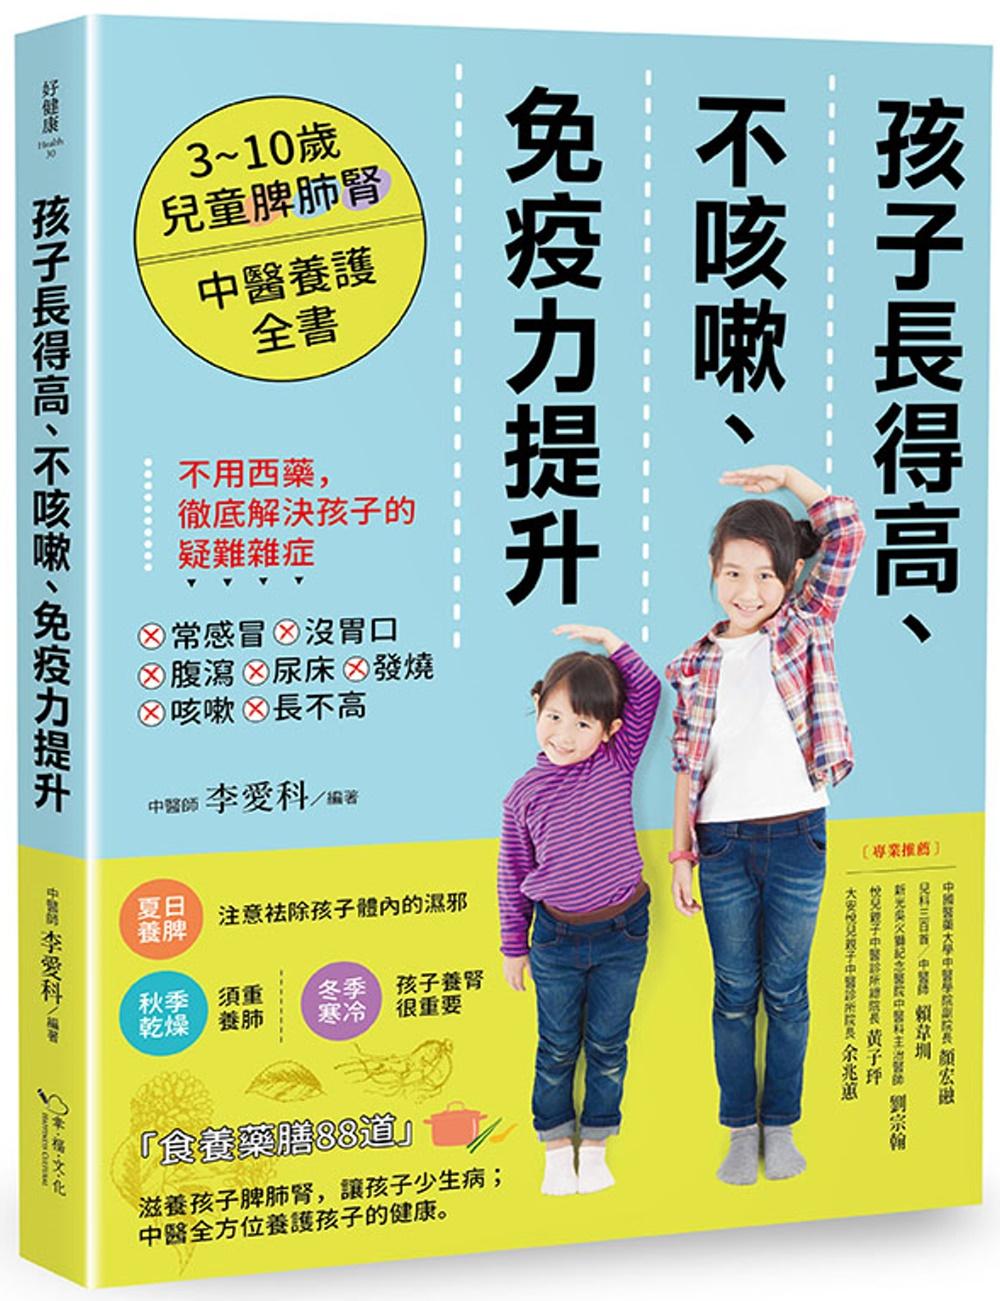 孩子長得高、不咳嗽、免疫力提升...